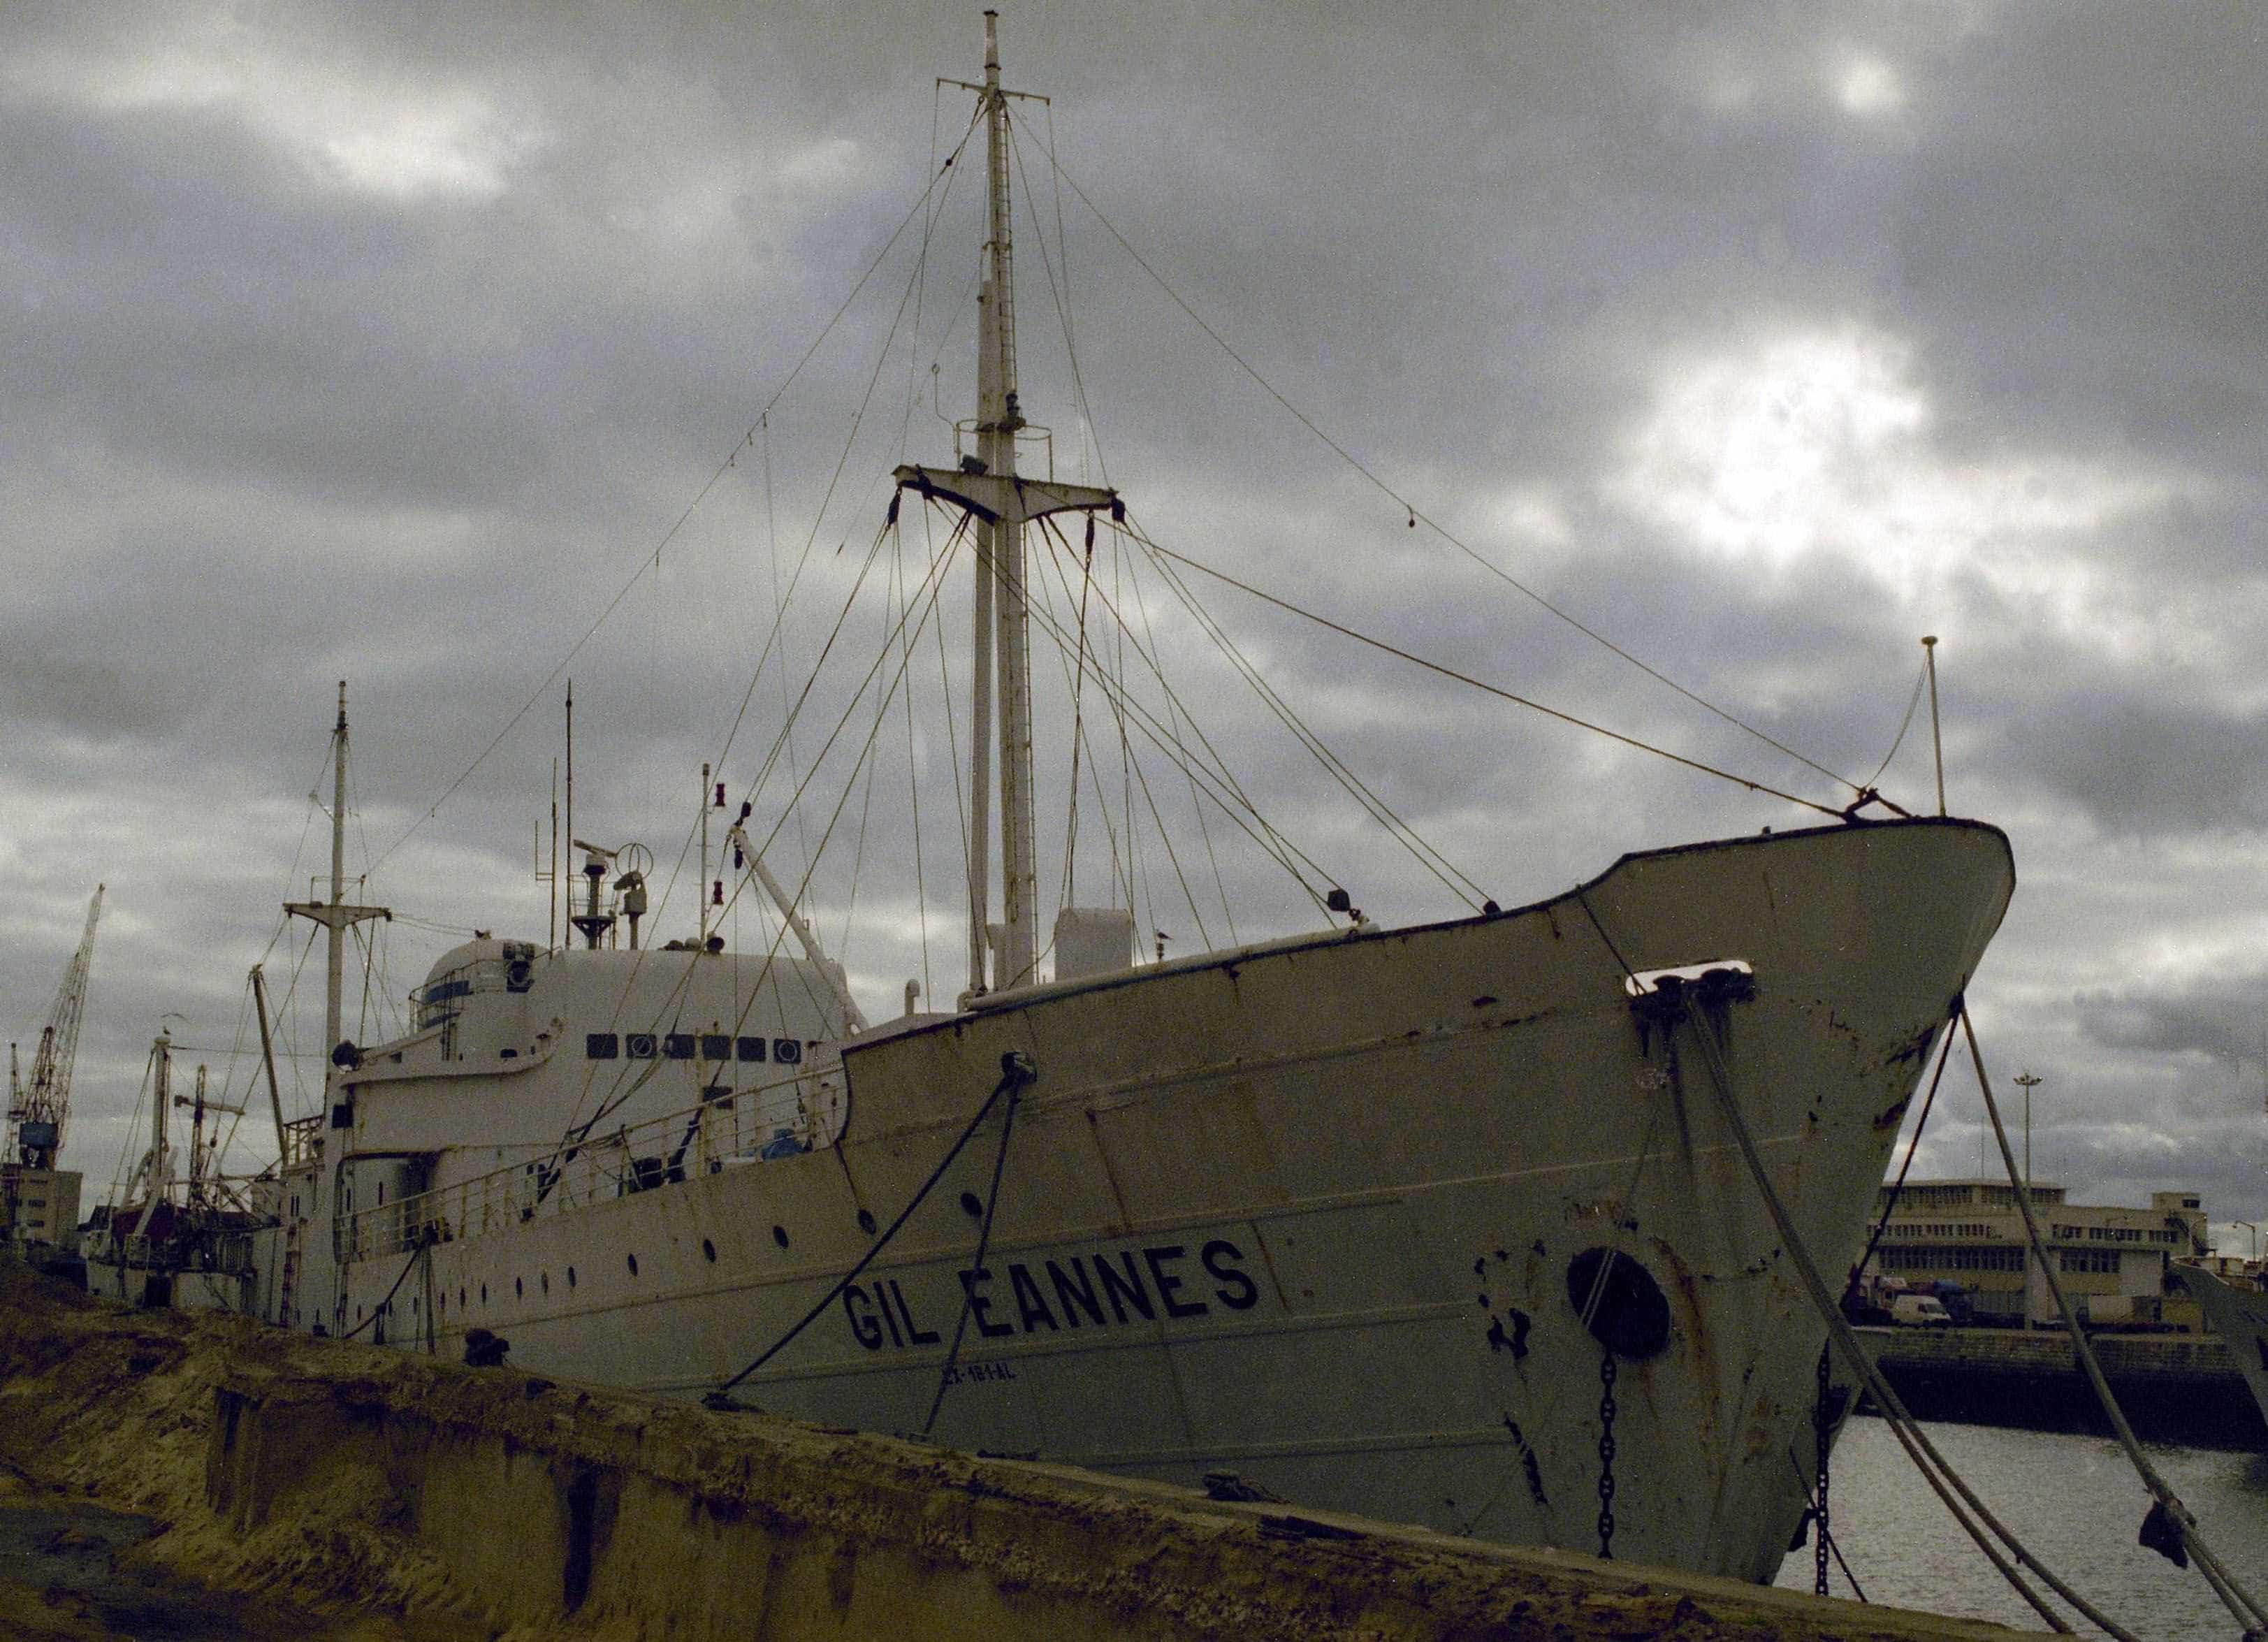 Navio-museu Gil Eannes pela primeira vez na BTL com 'stand' próprio